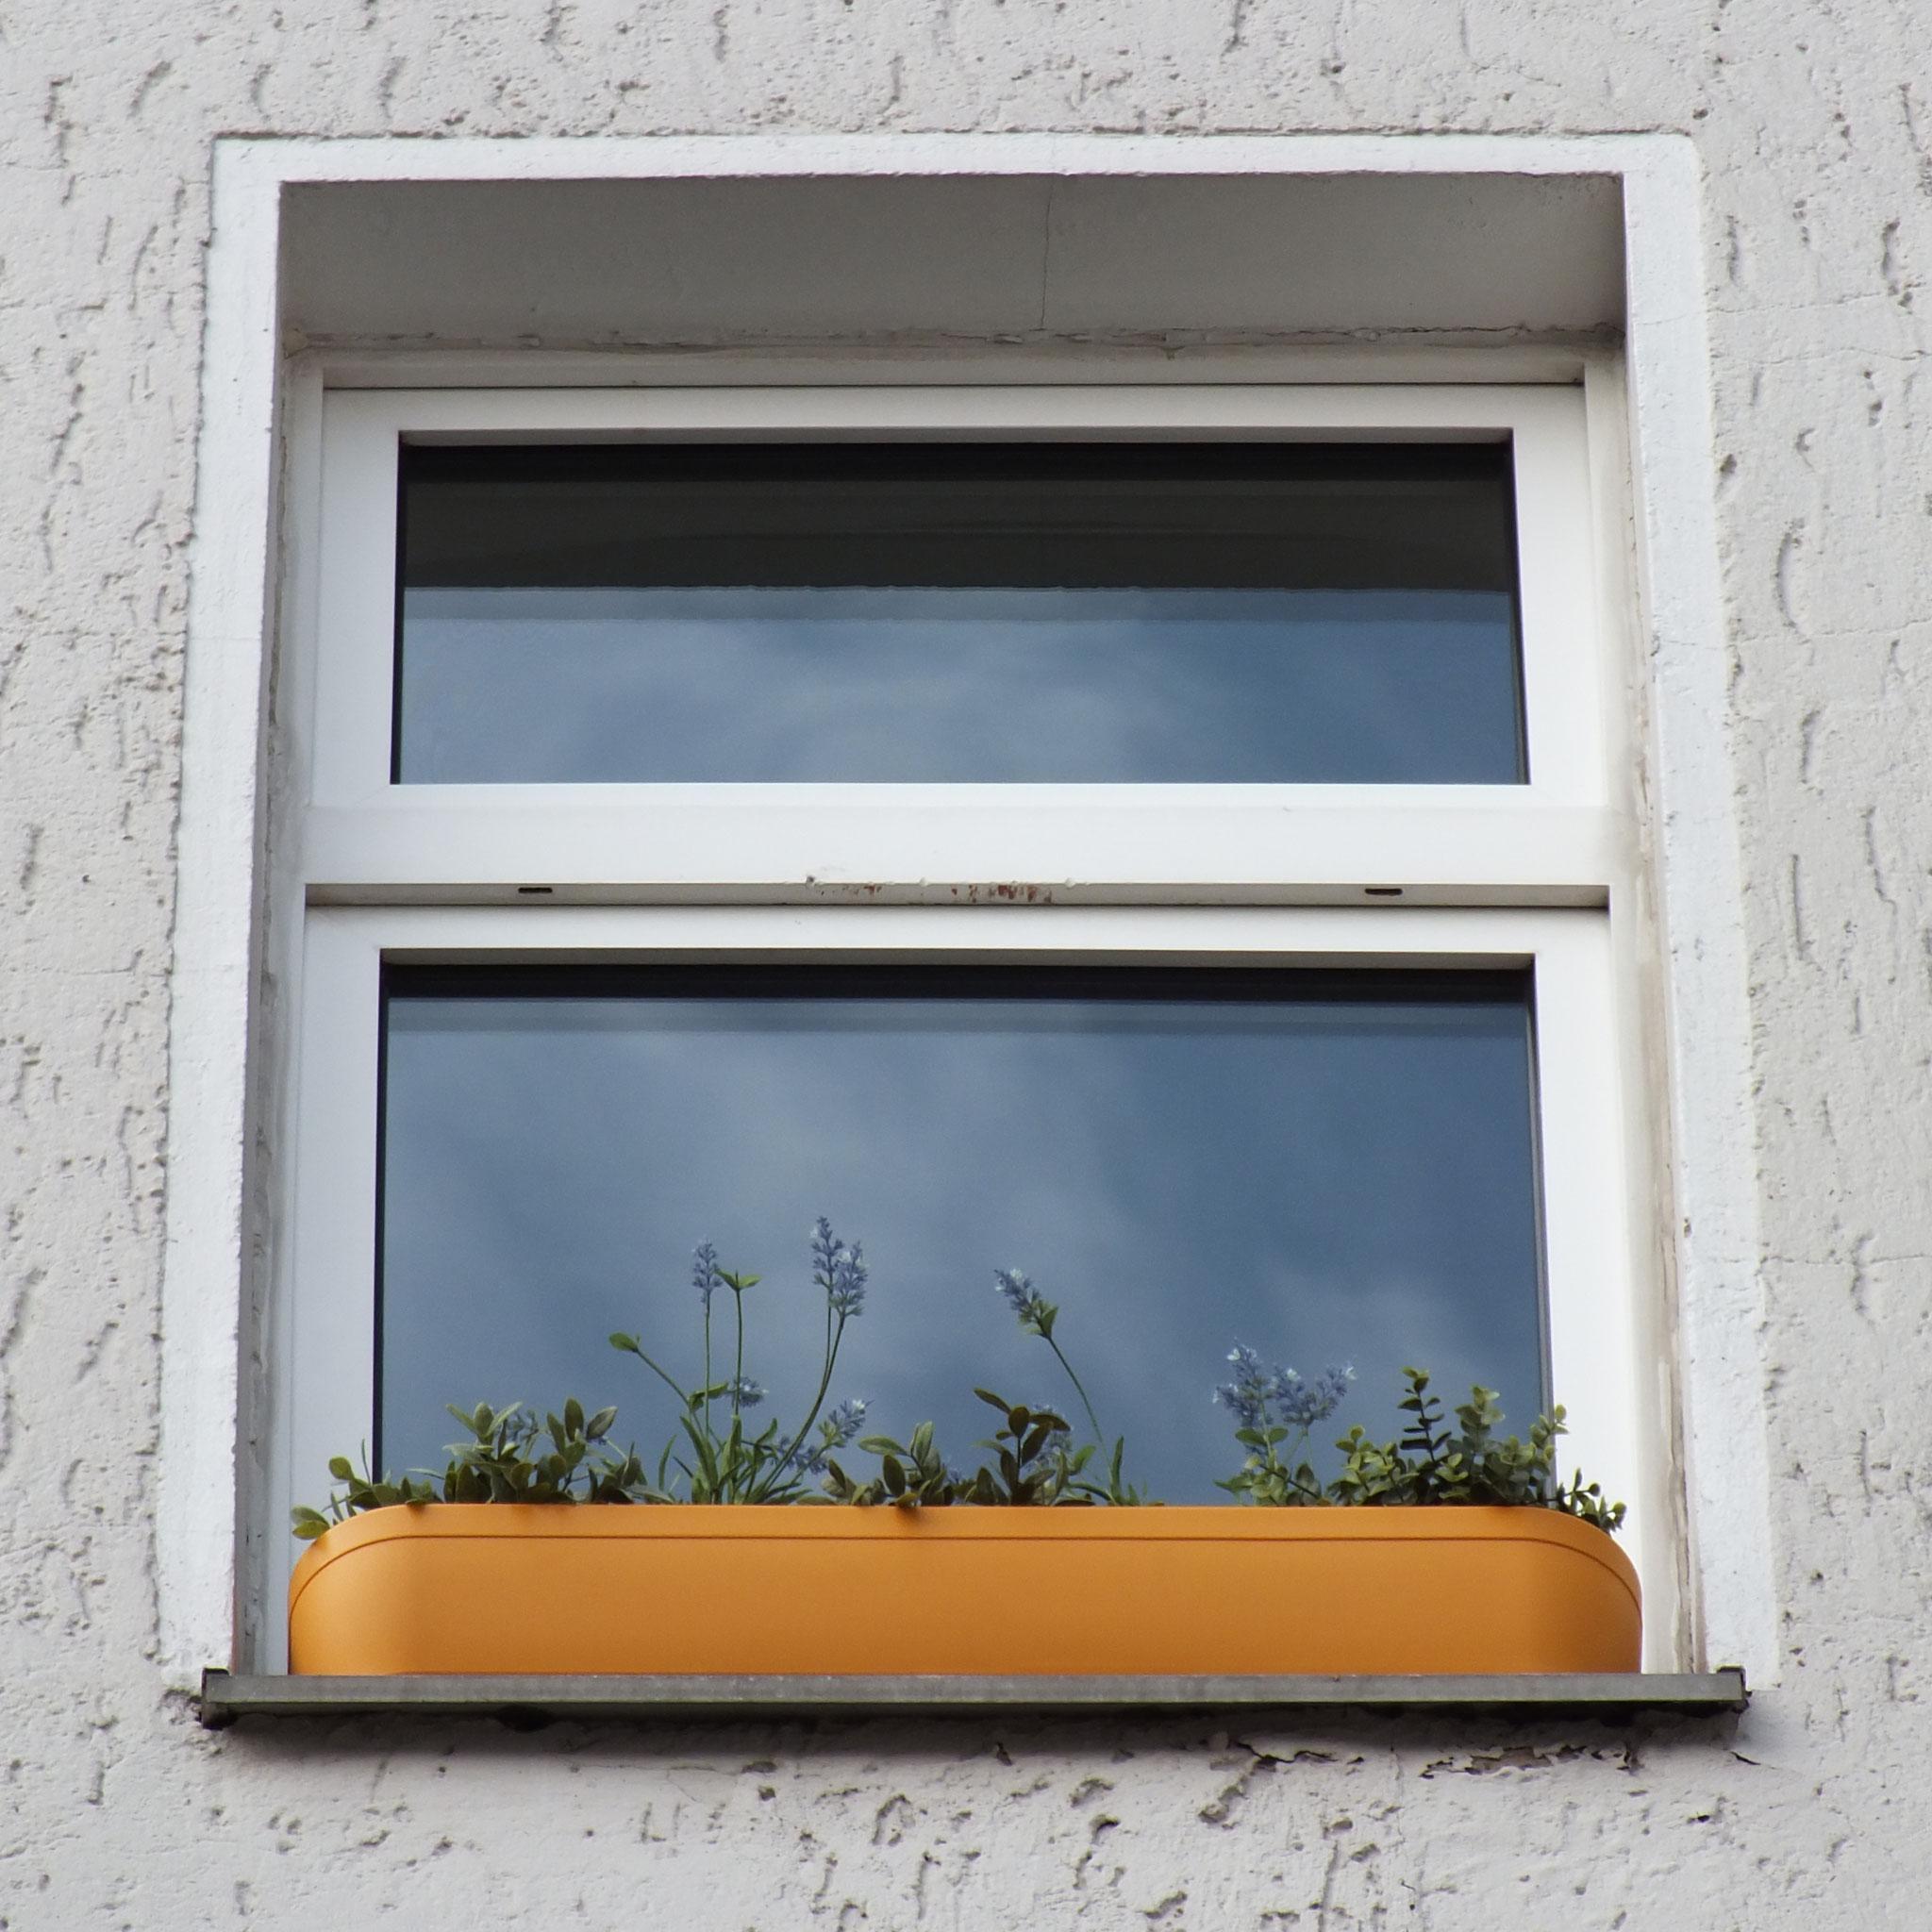 design blumenkasten f r das fenster ohne bohren balkon. Black Bedroom Furniture Sets. Home Design Ideas